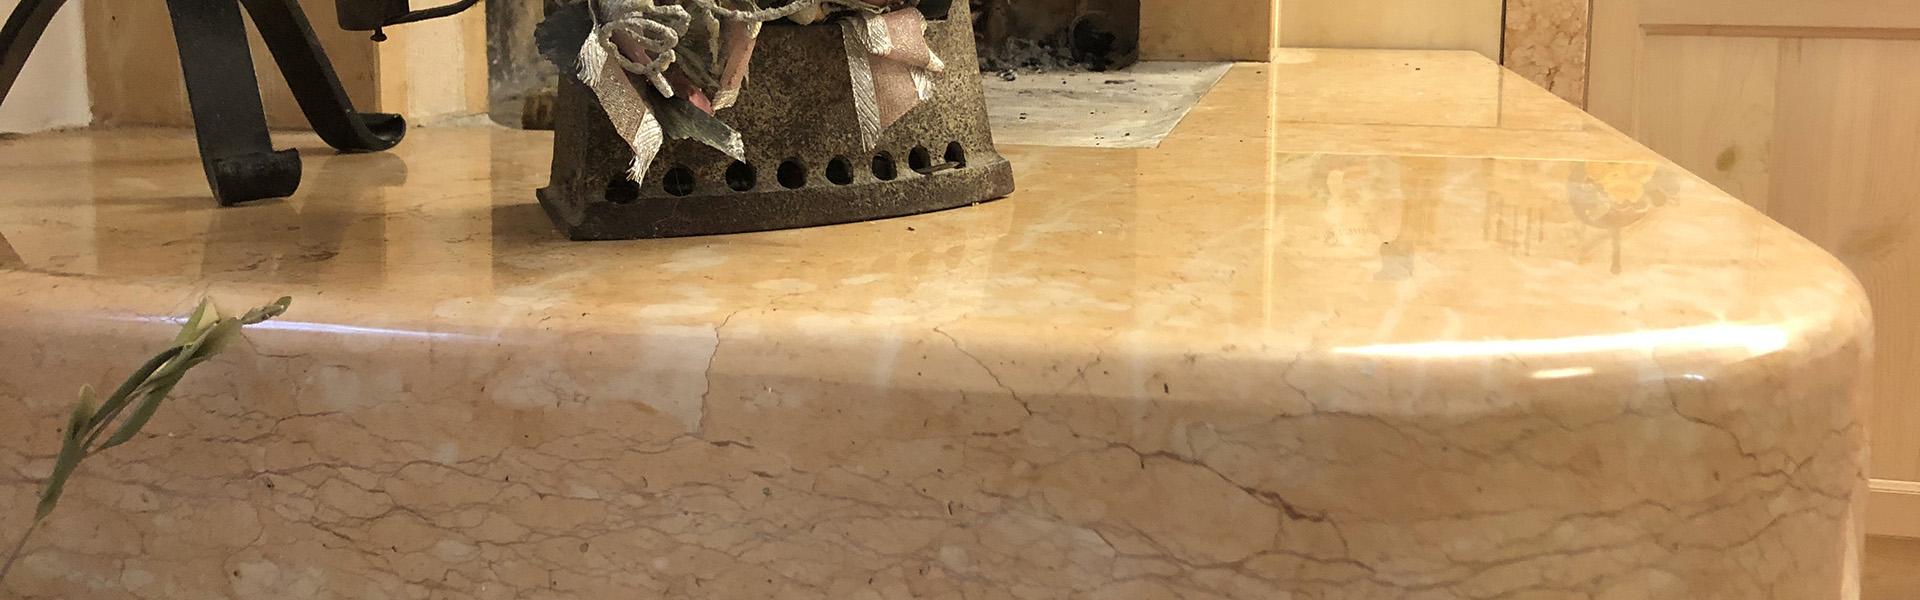 Immagini Camini In Pietra camini e caminetti in pietra della lessinia | zivelonghi